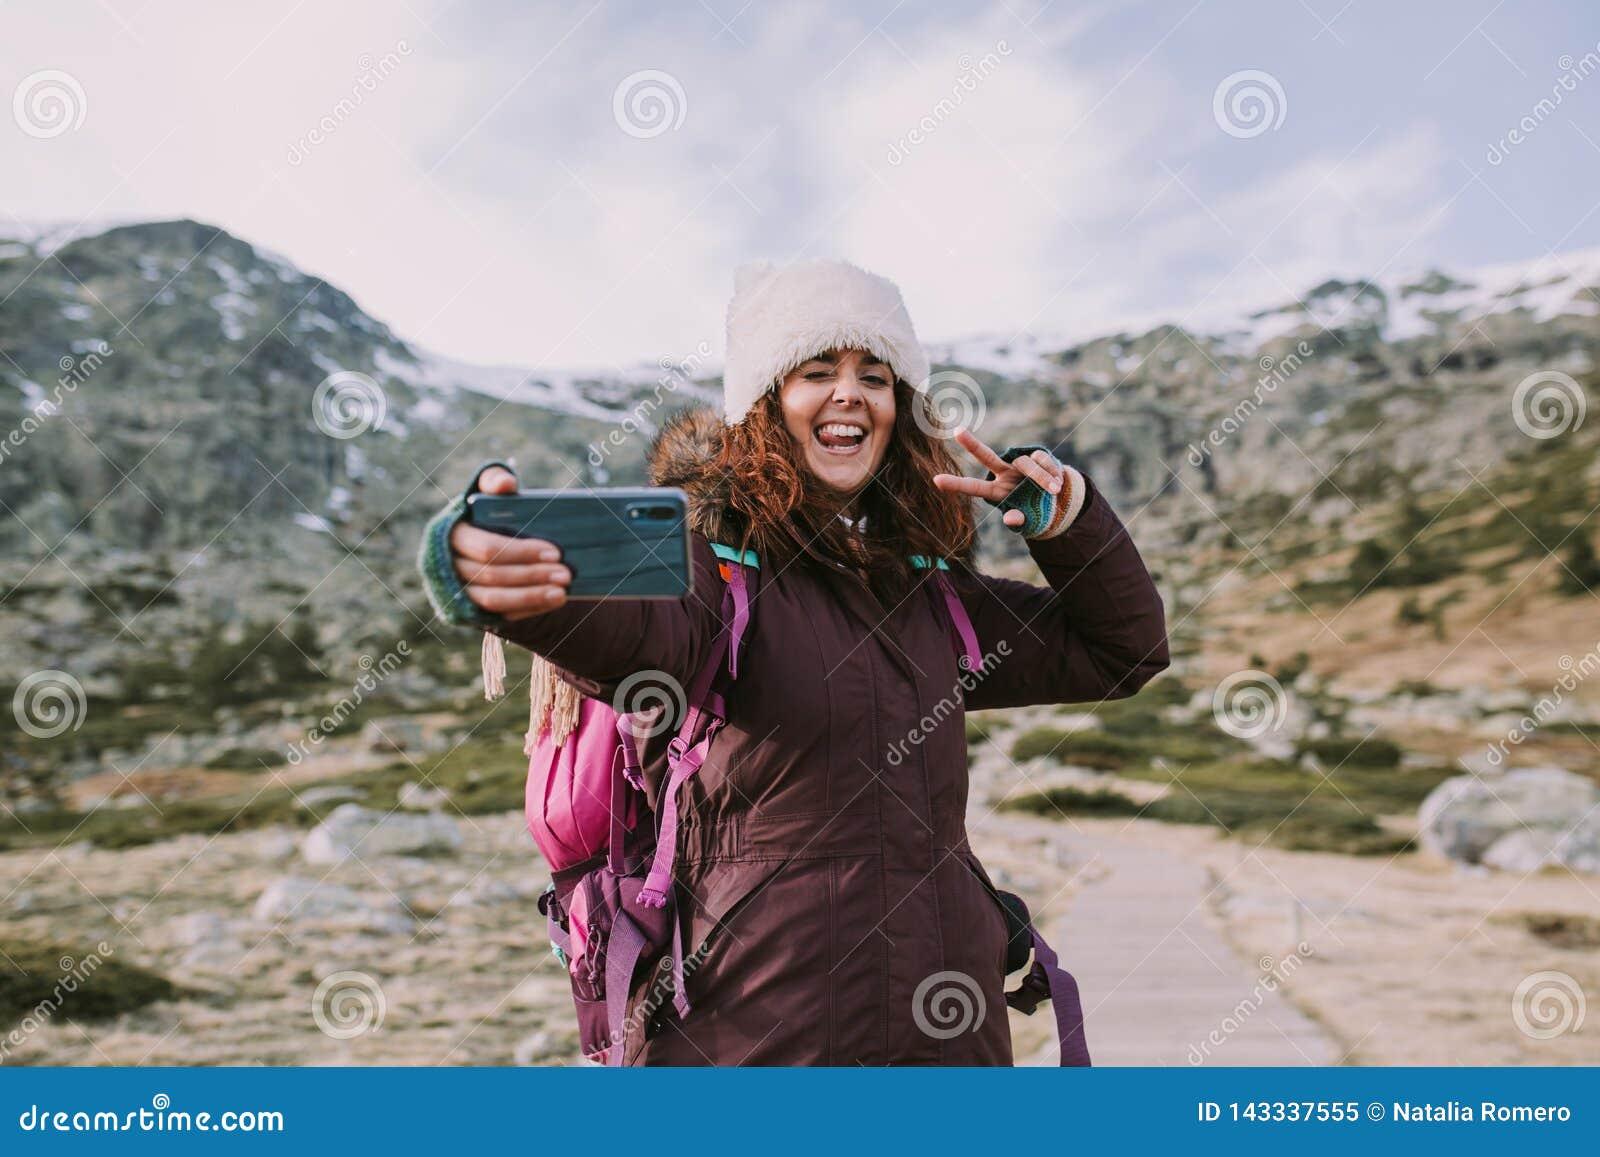 Κορίτσι Brunette με το σακίδιο πλάτης της και ένα καπέλο στο κεφάλι της παίρνει μια εικόνα δίπλα στα βουνά με ένα μεγάλο χαμόγελο